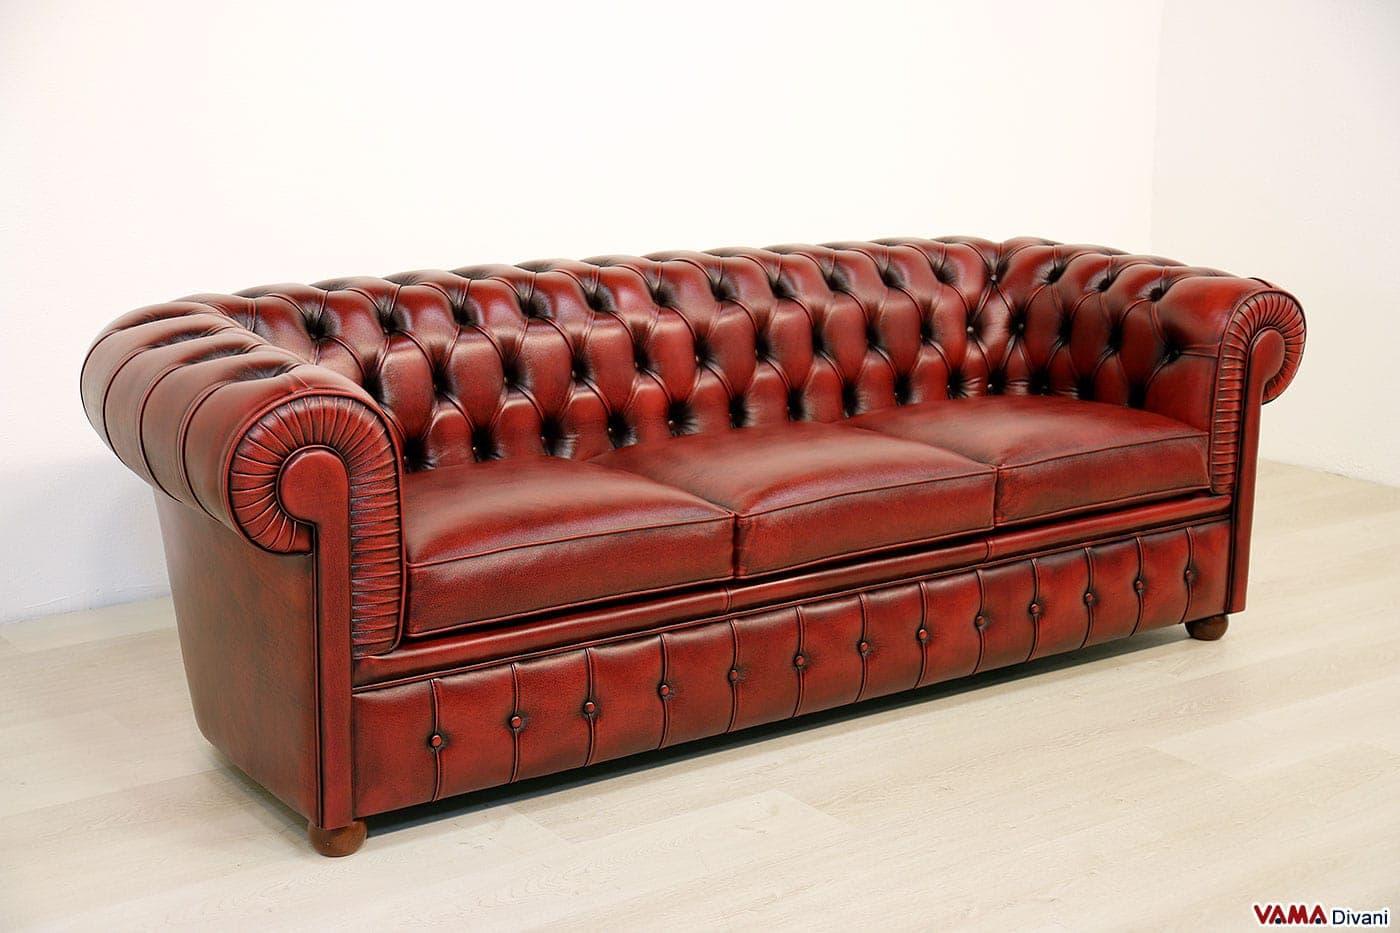 Divano chesterfield 3 posti rosso in pelle anticata vama - Divano rosso pelle ...